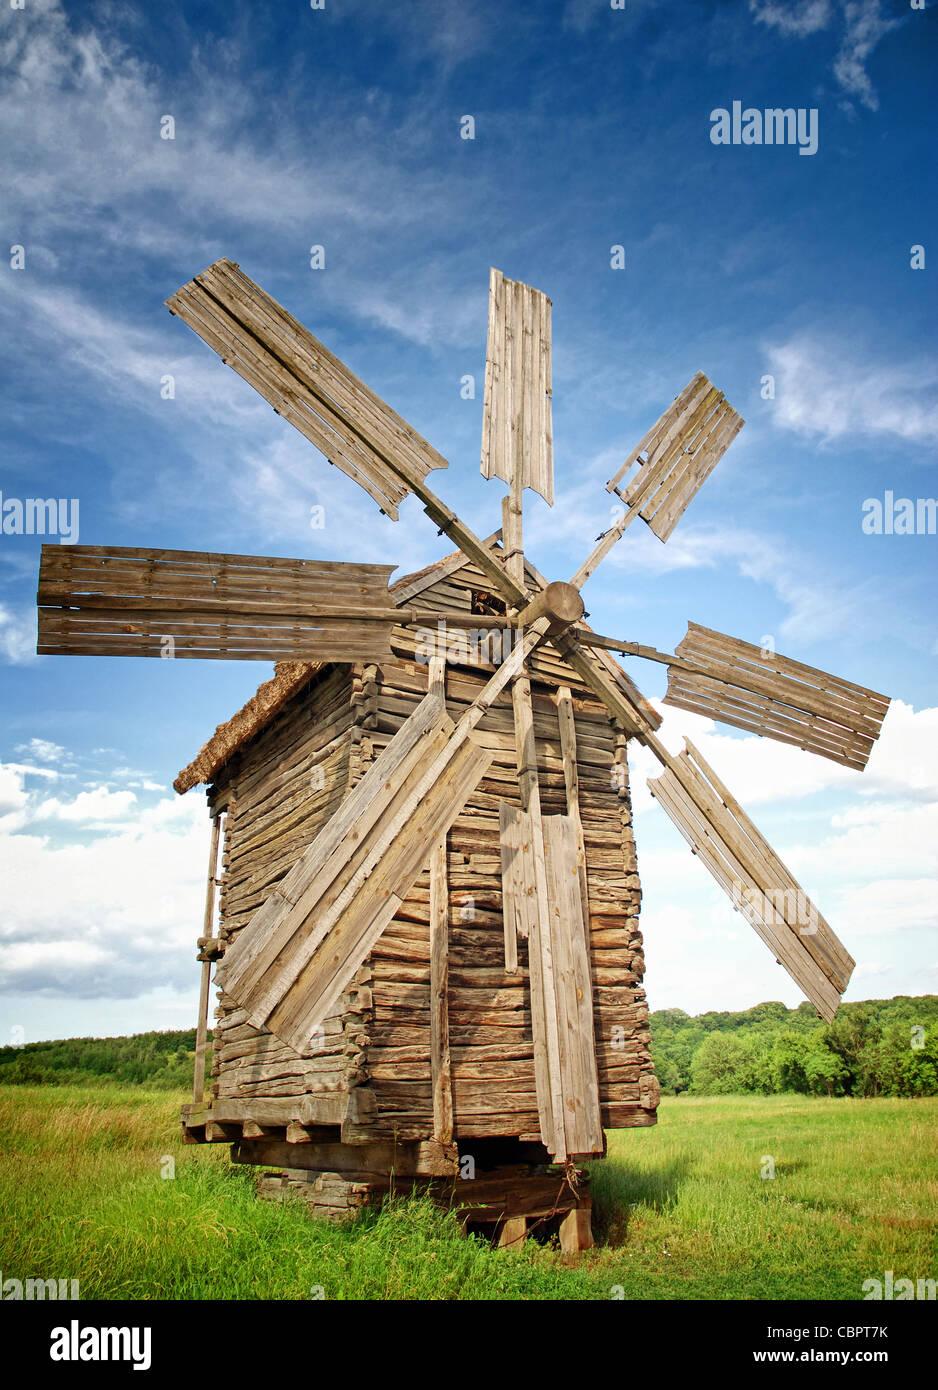 Alte Windmühlen in einem grünen Feldern Stockbild